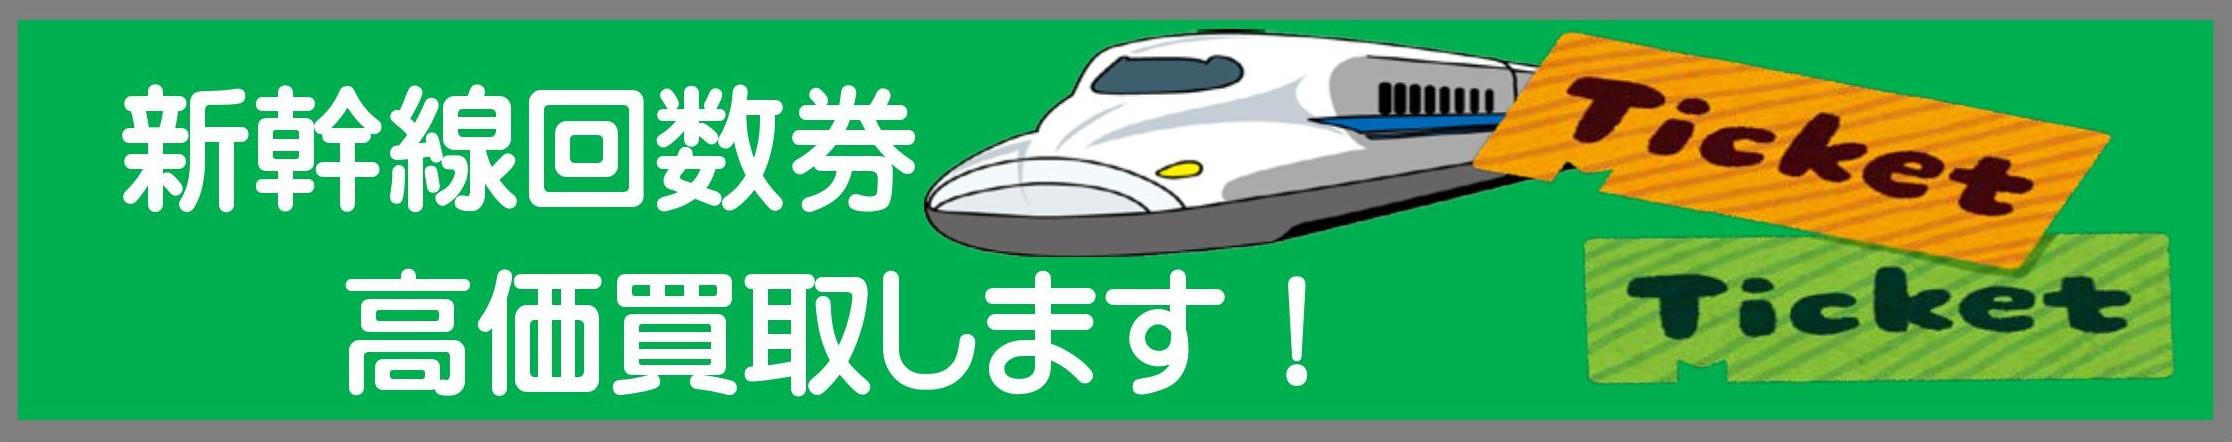 豊橋金券ショップフリーチケット|新幹線回数券買取